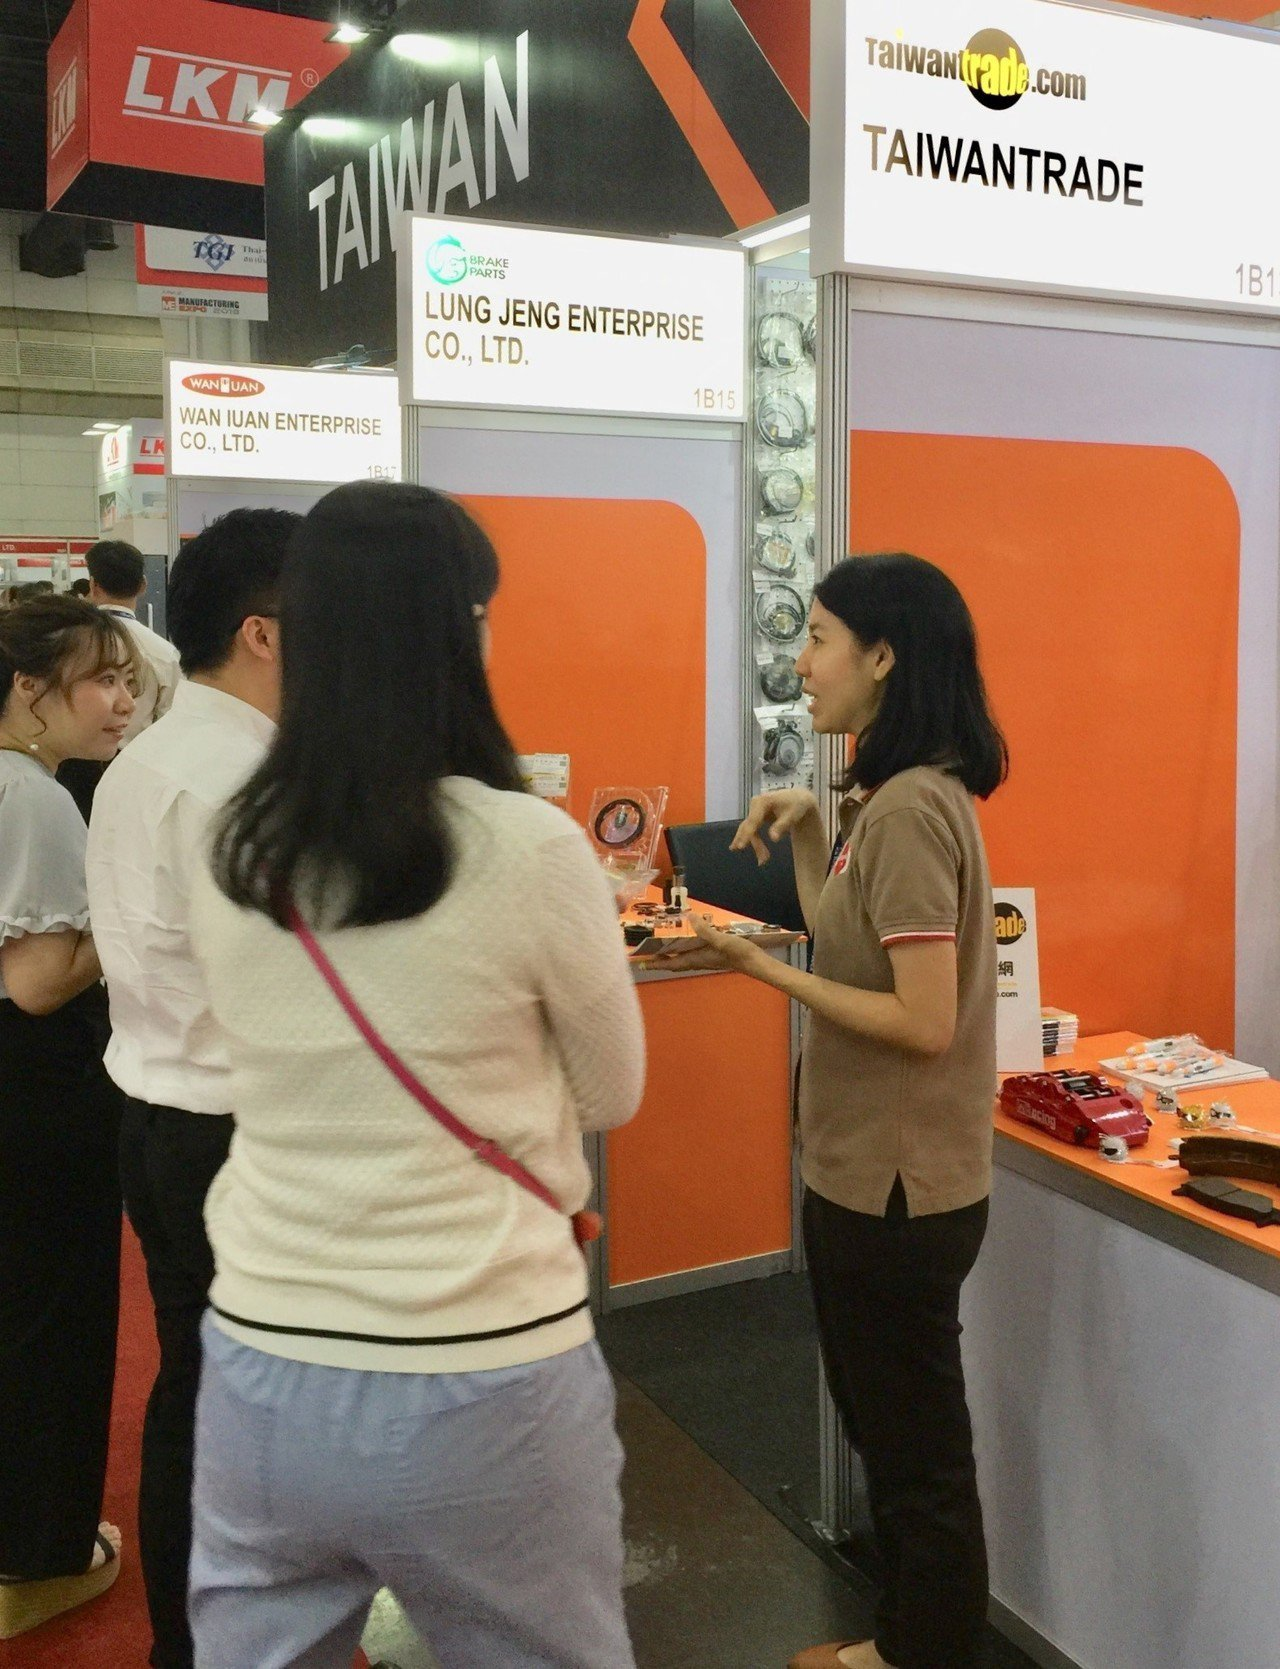 泰國買主仔細聆聽台灣經貿網買主服務介紹。圖/外貿協會提供